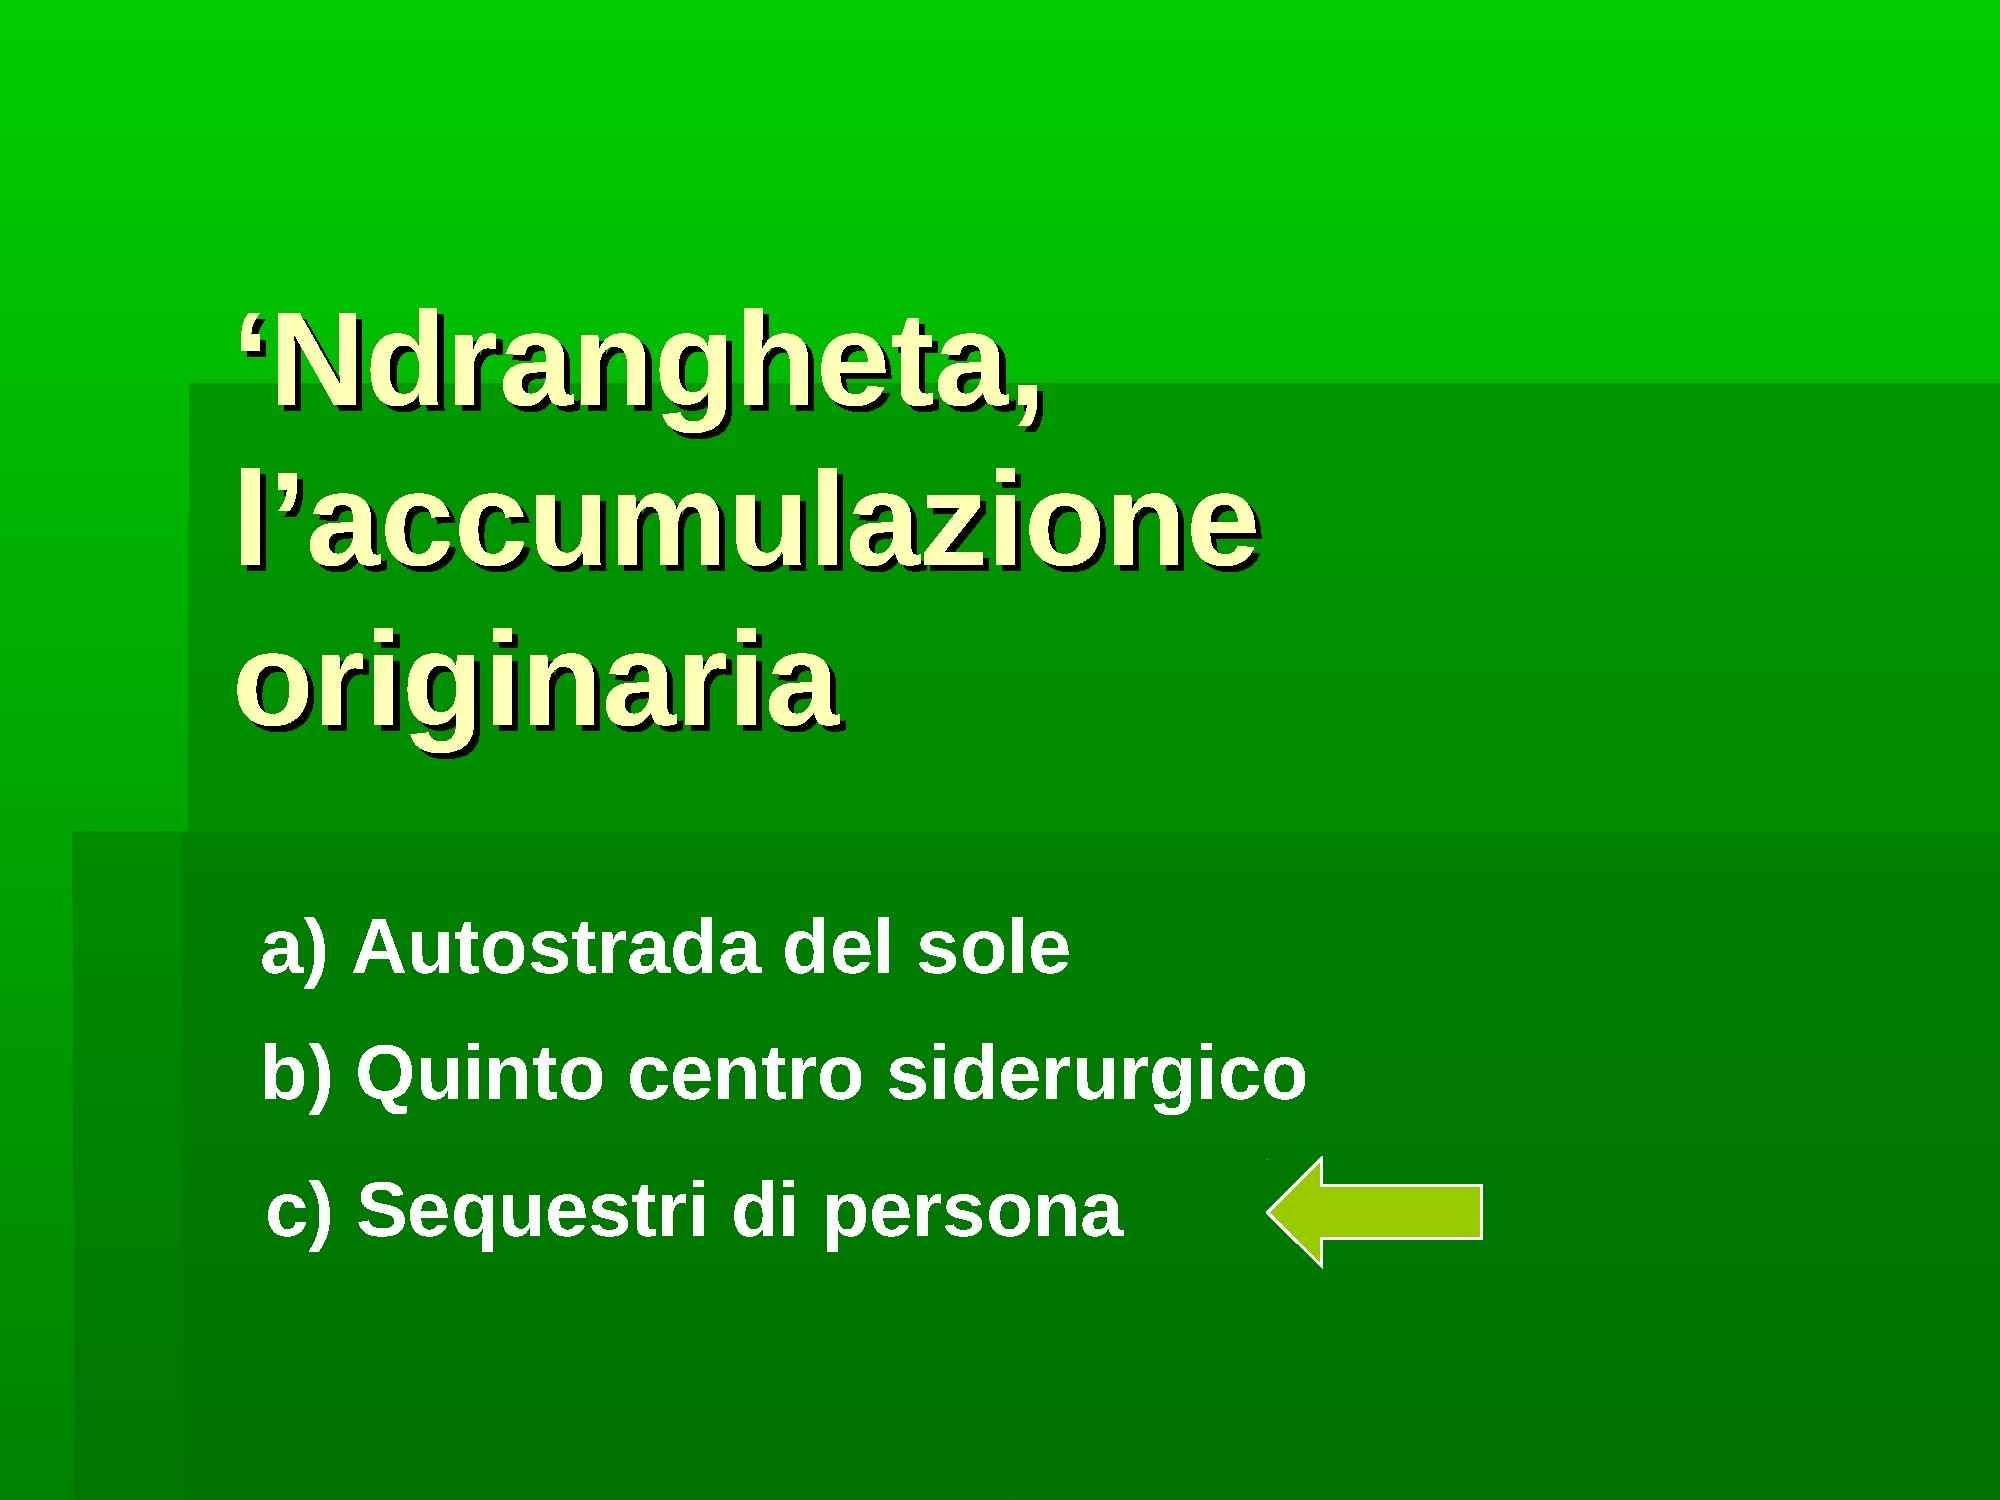 Accumulazione originaria della 'Ndrangheta